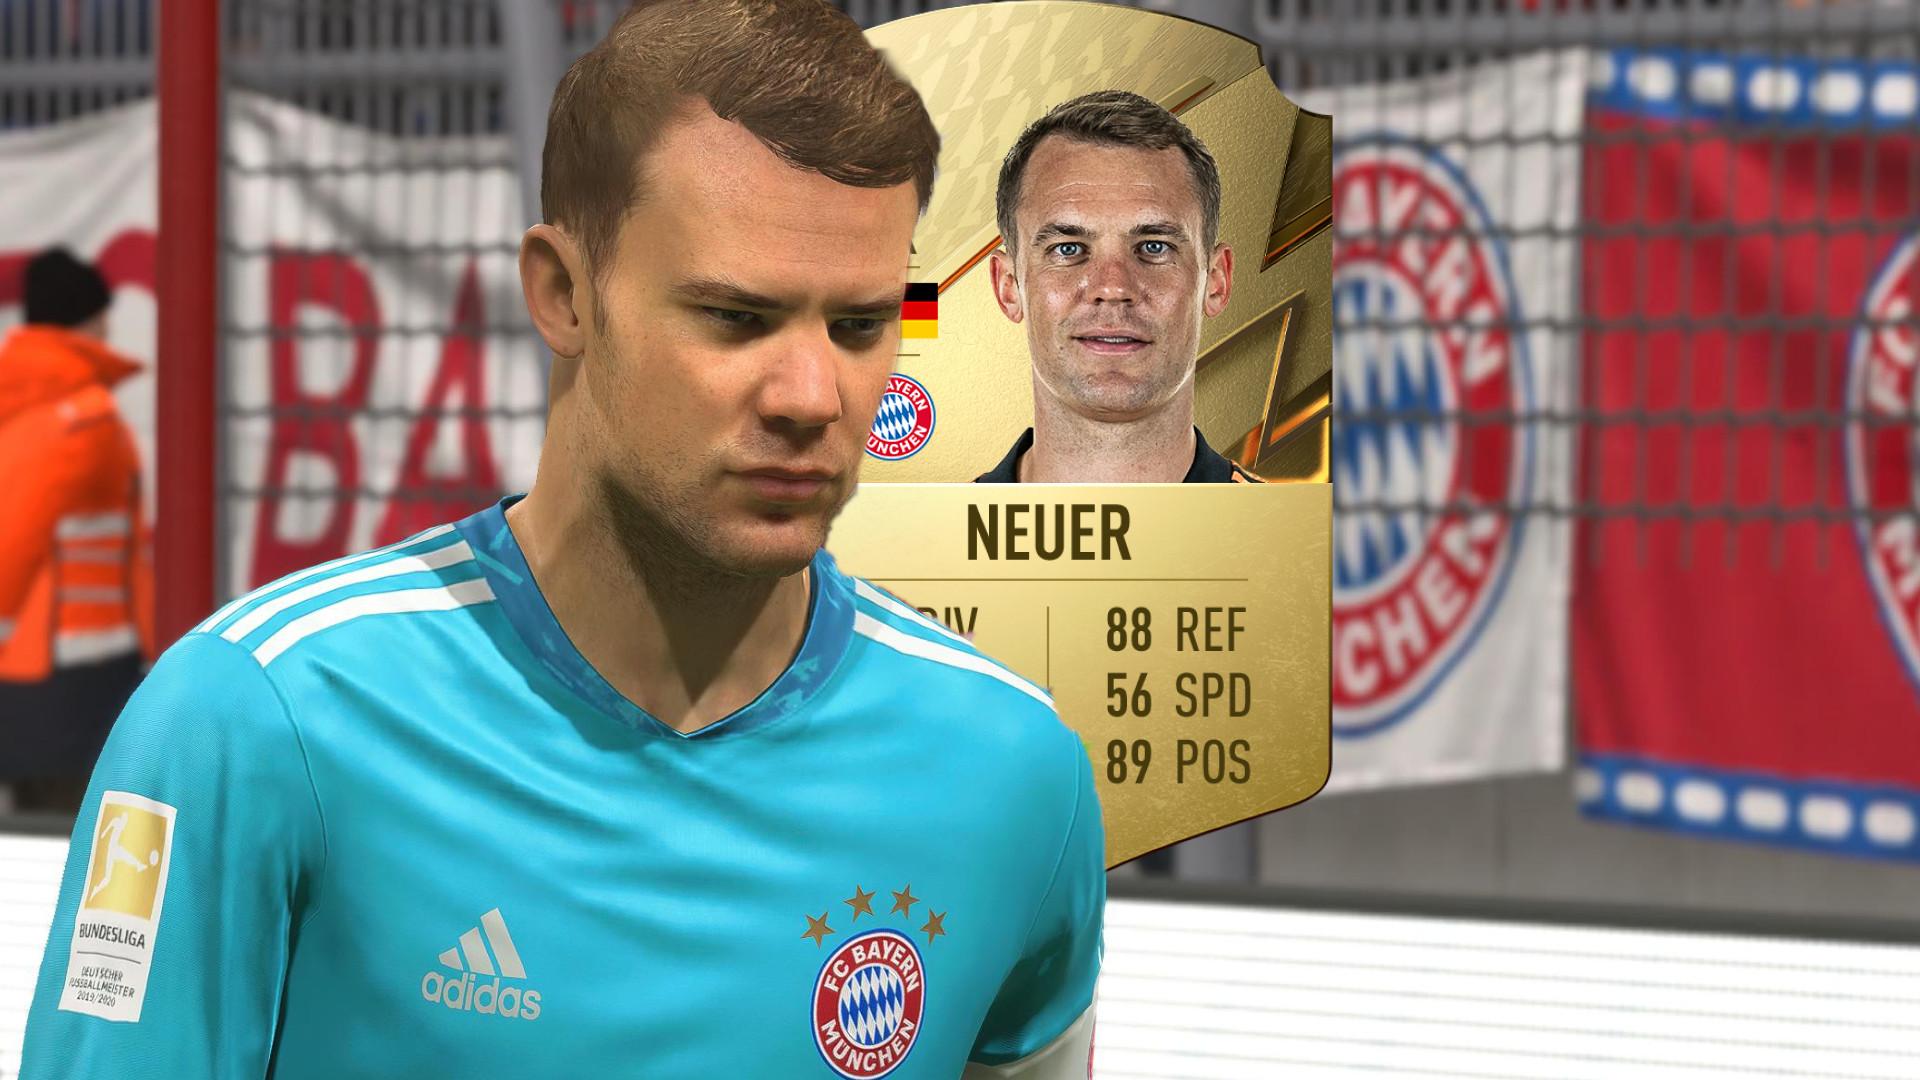 Manuel Neuer ist wieder nicht der beste Torhüter in FIFA 22 – Die 7 stärksten Keeper